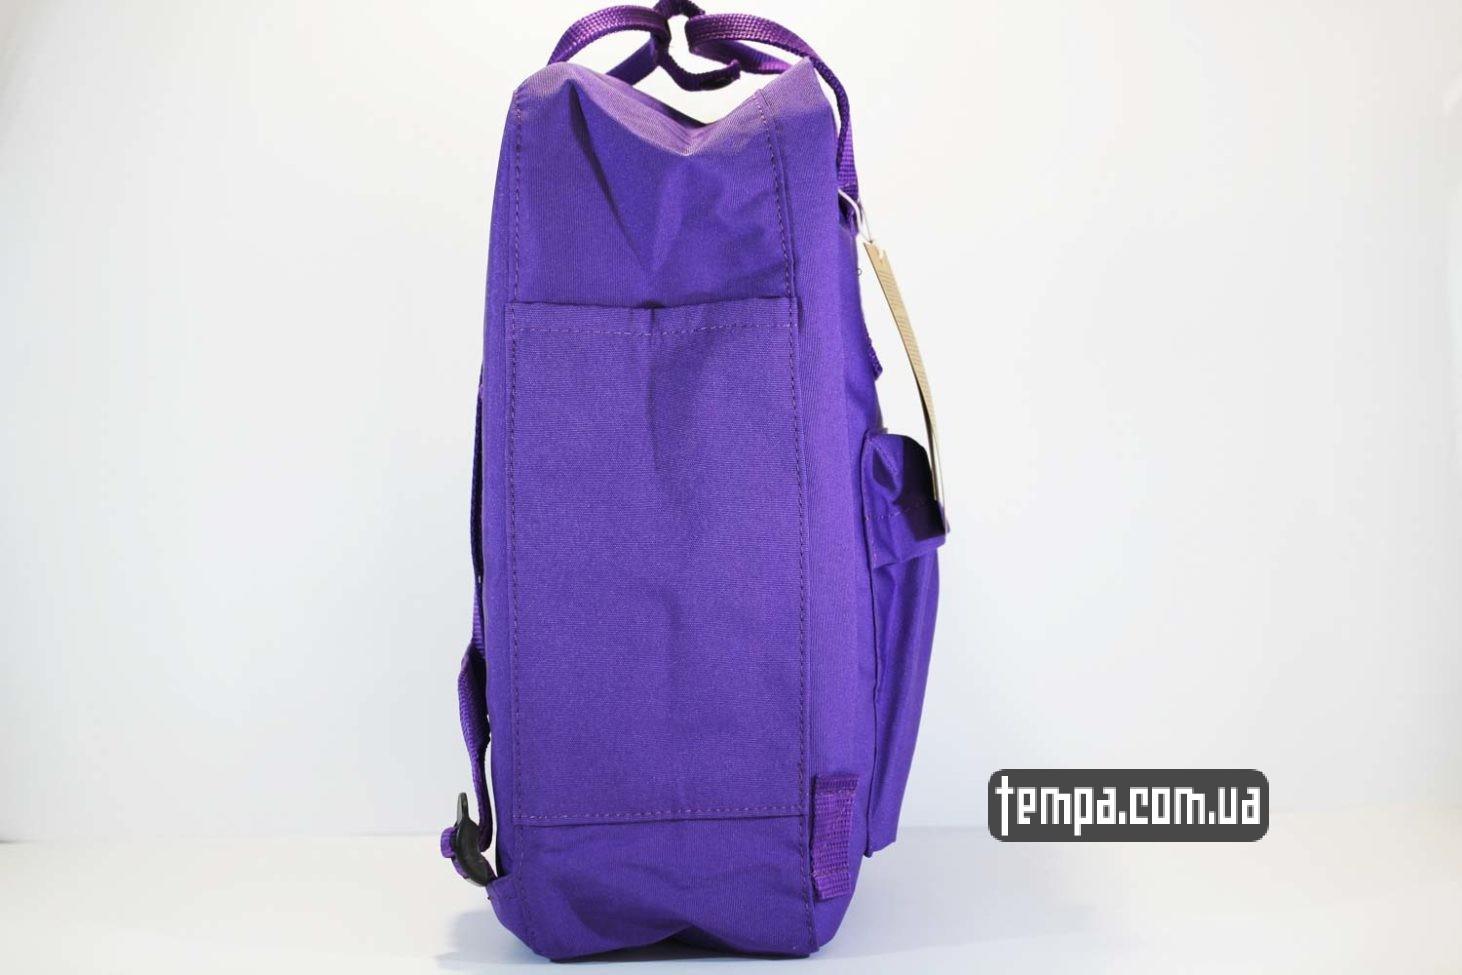 купить Украина рюкзак re kanken fjallraven purple сиреневый фиолетовый